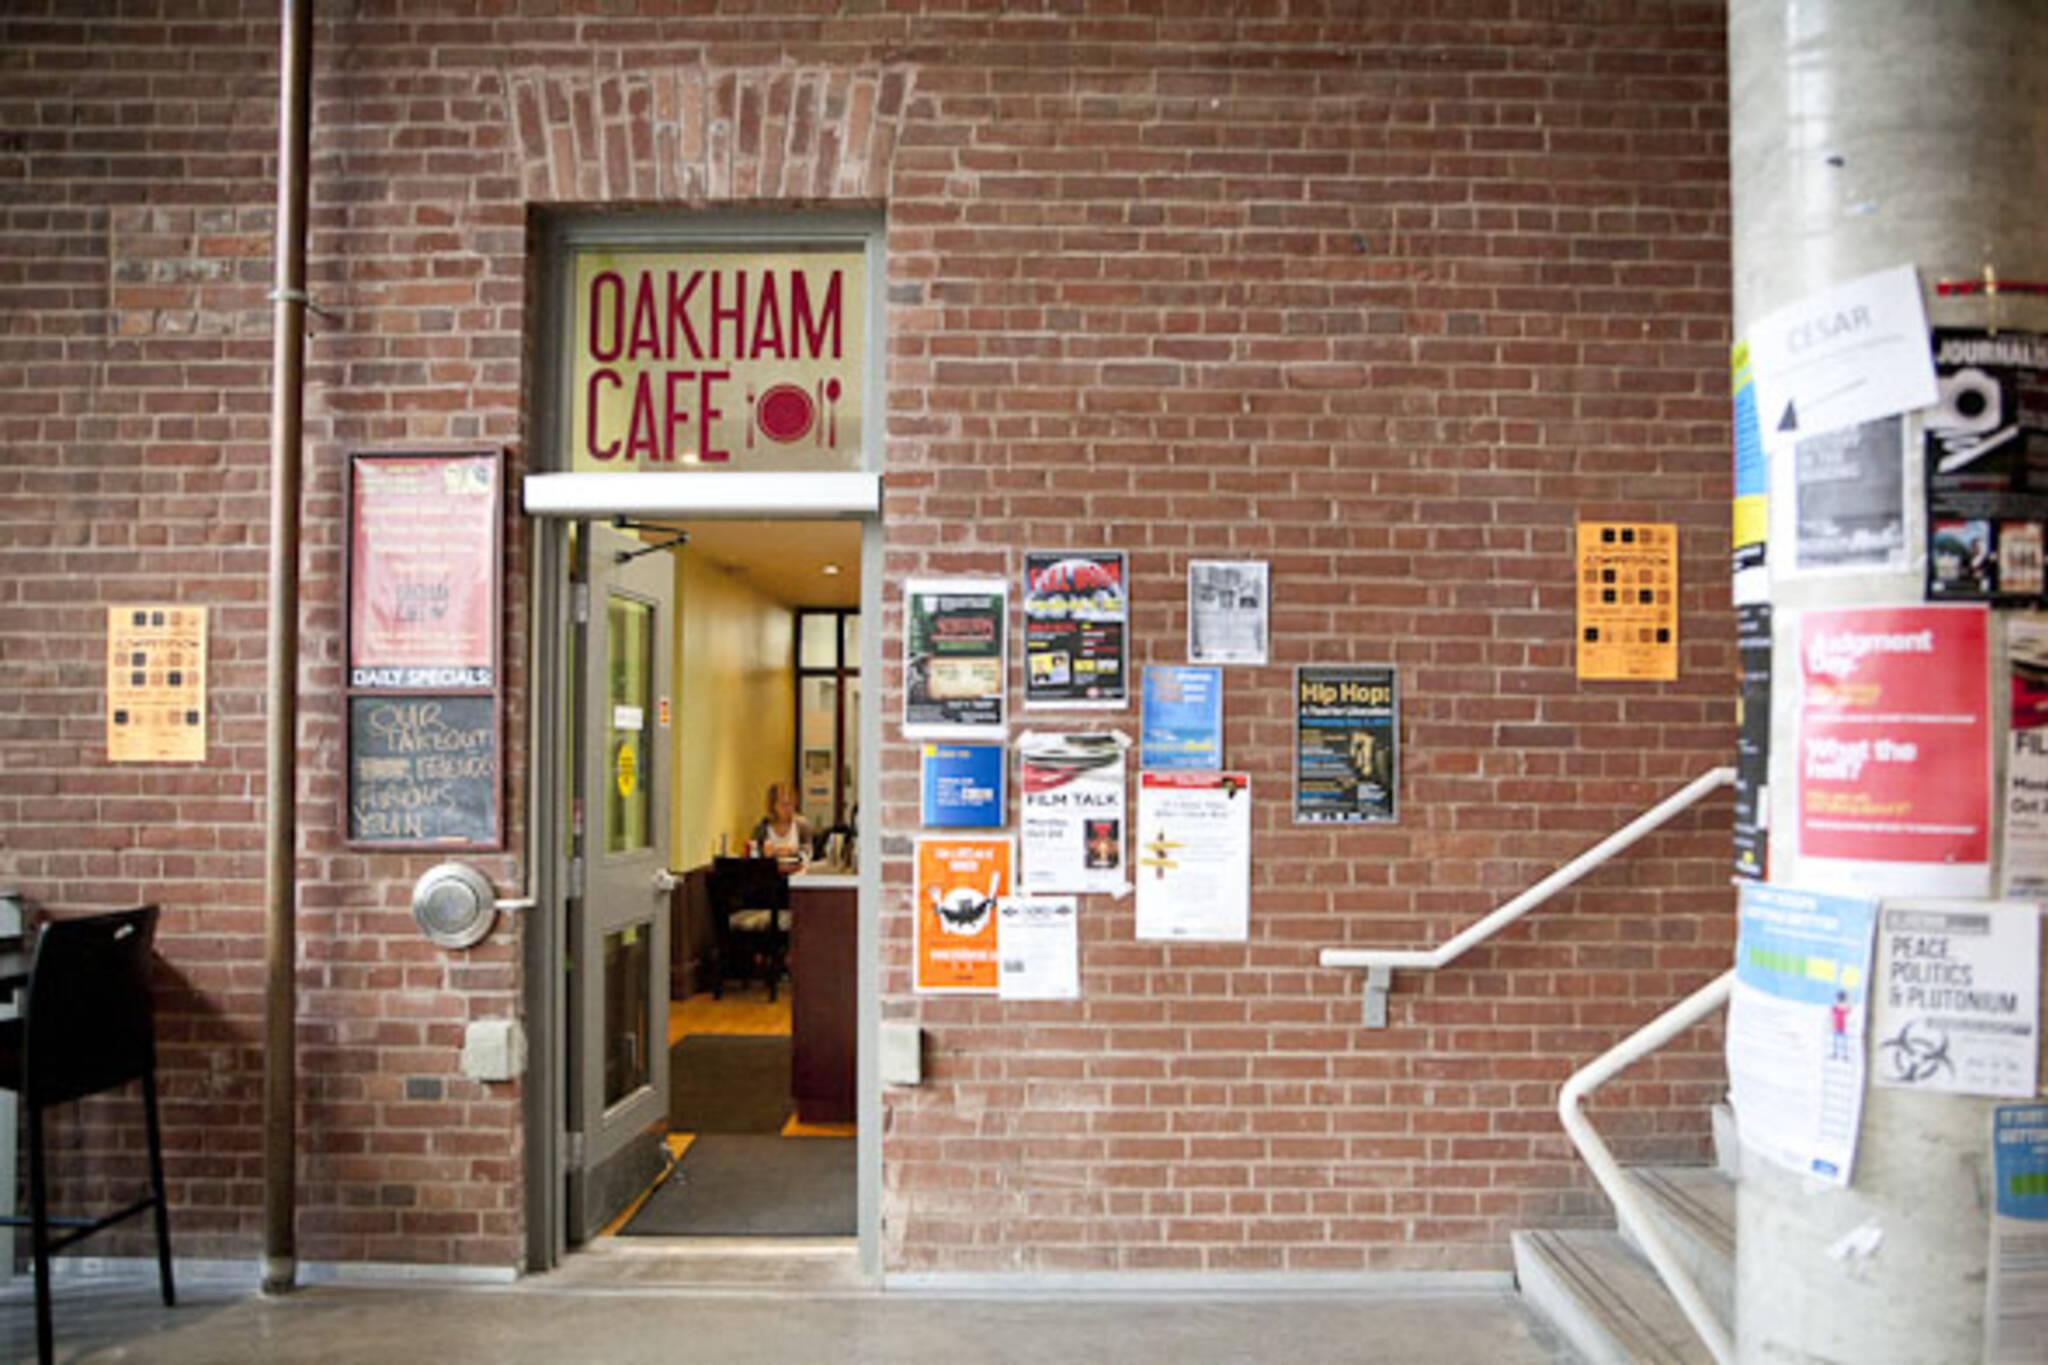 Oakham Cafe